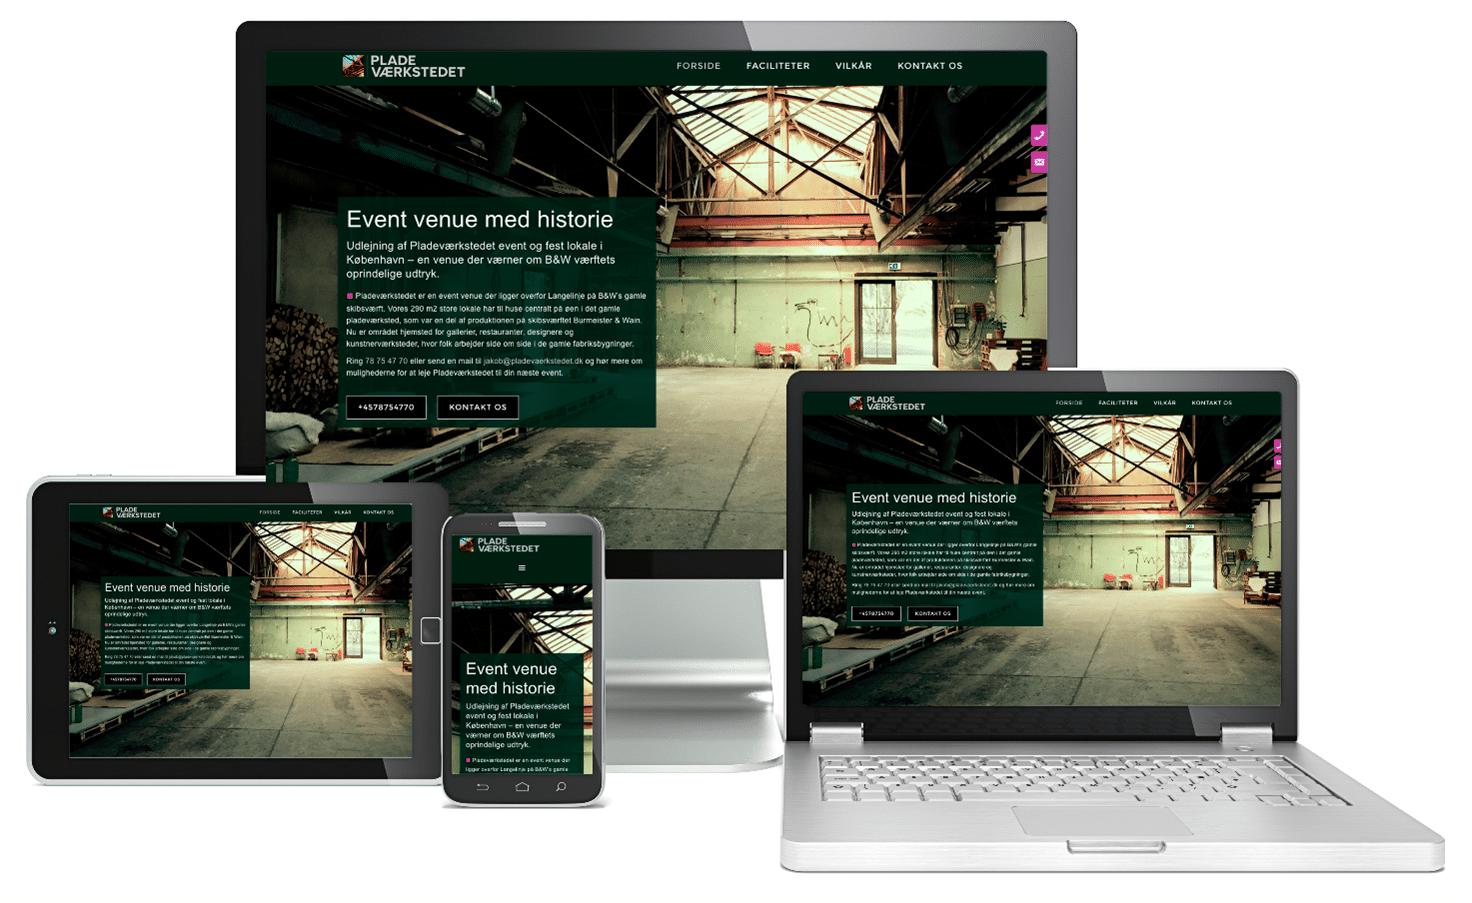 RWD - mobiloptimeret webdesign